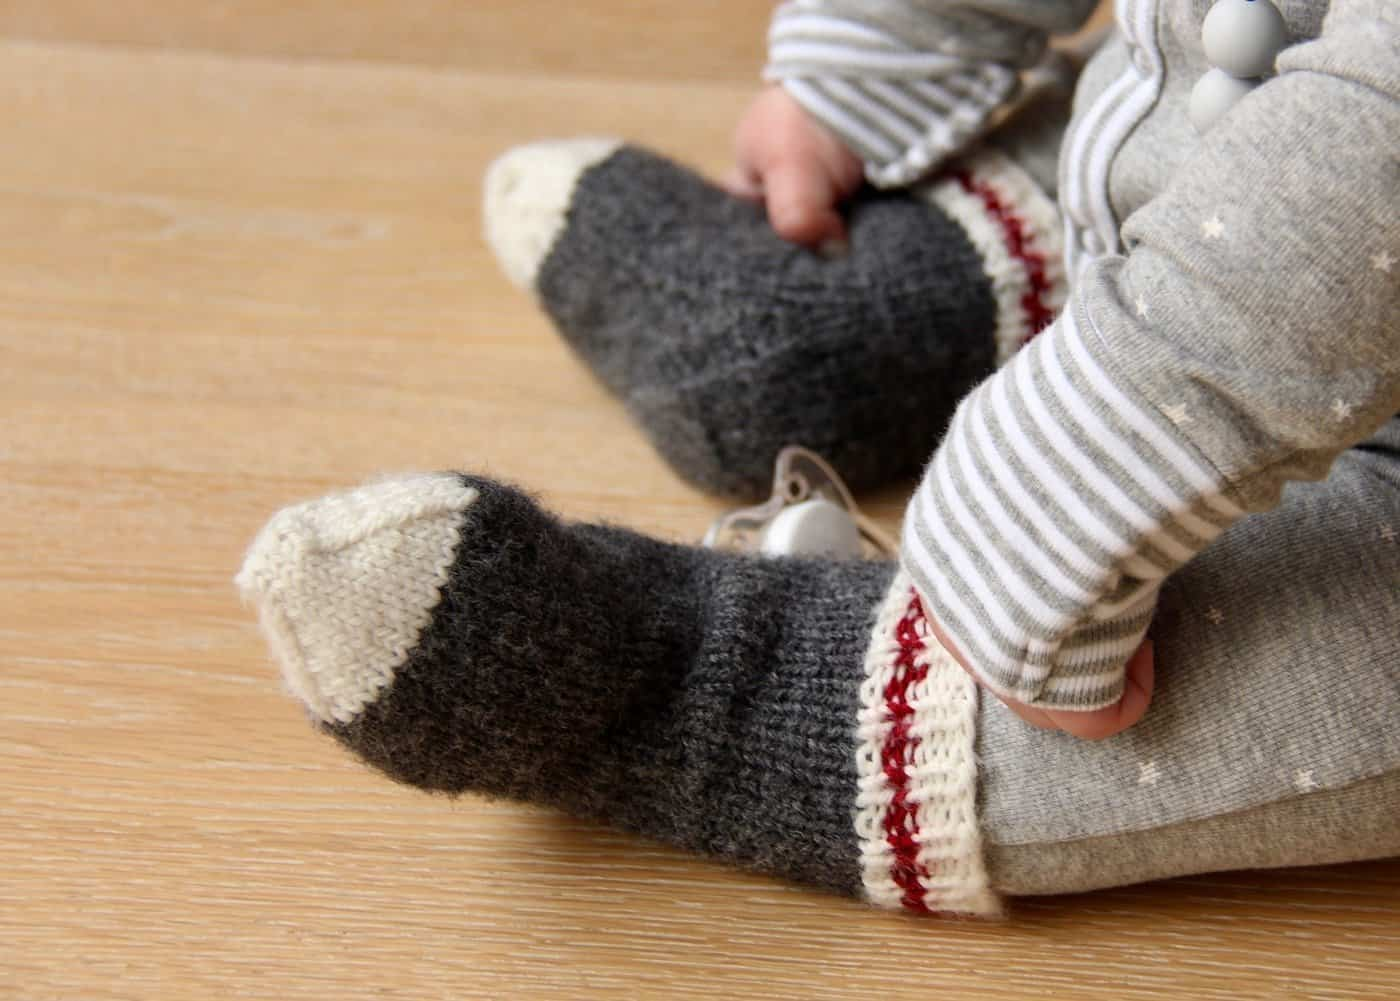 Lumberjack Baby Work Socks: Knitting Baby Socks for a Little Monkey ...